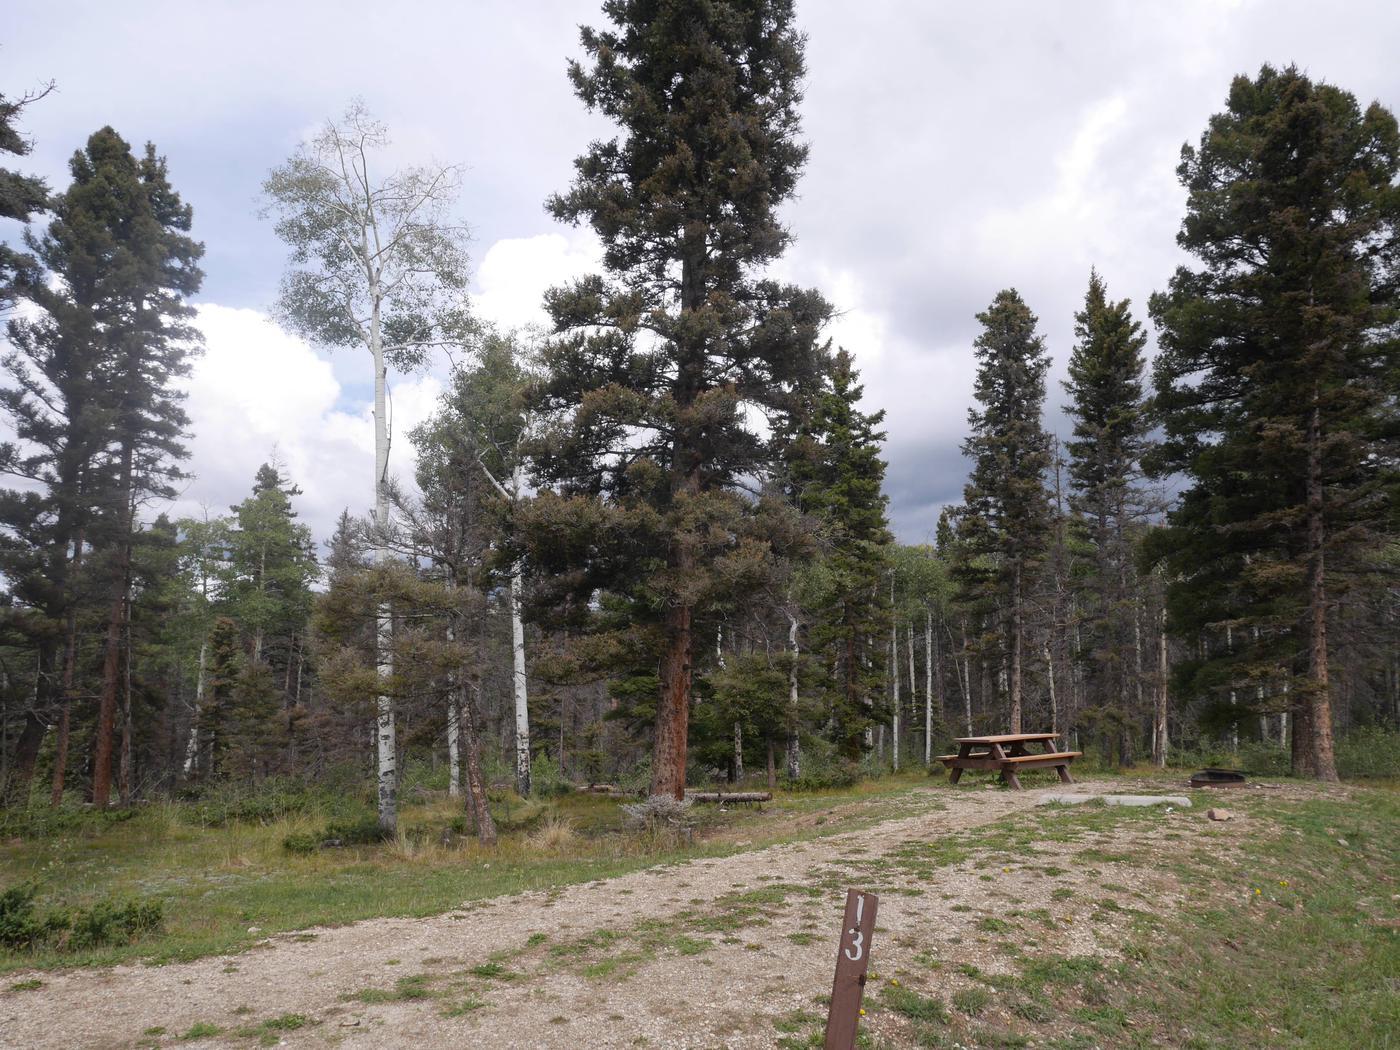 Campsite #13